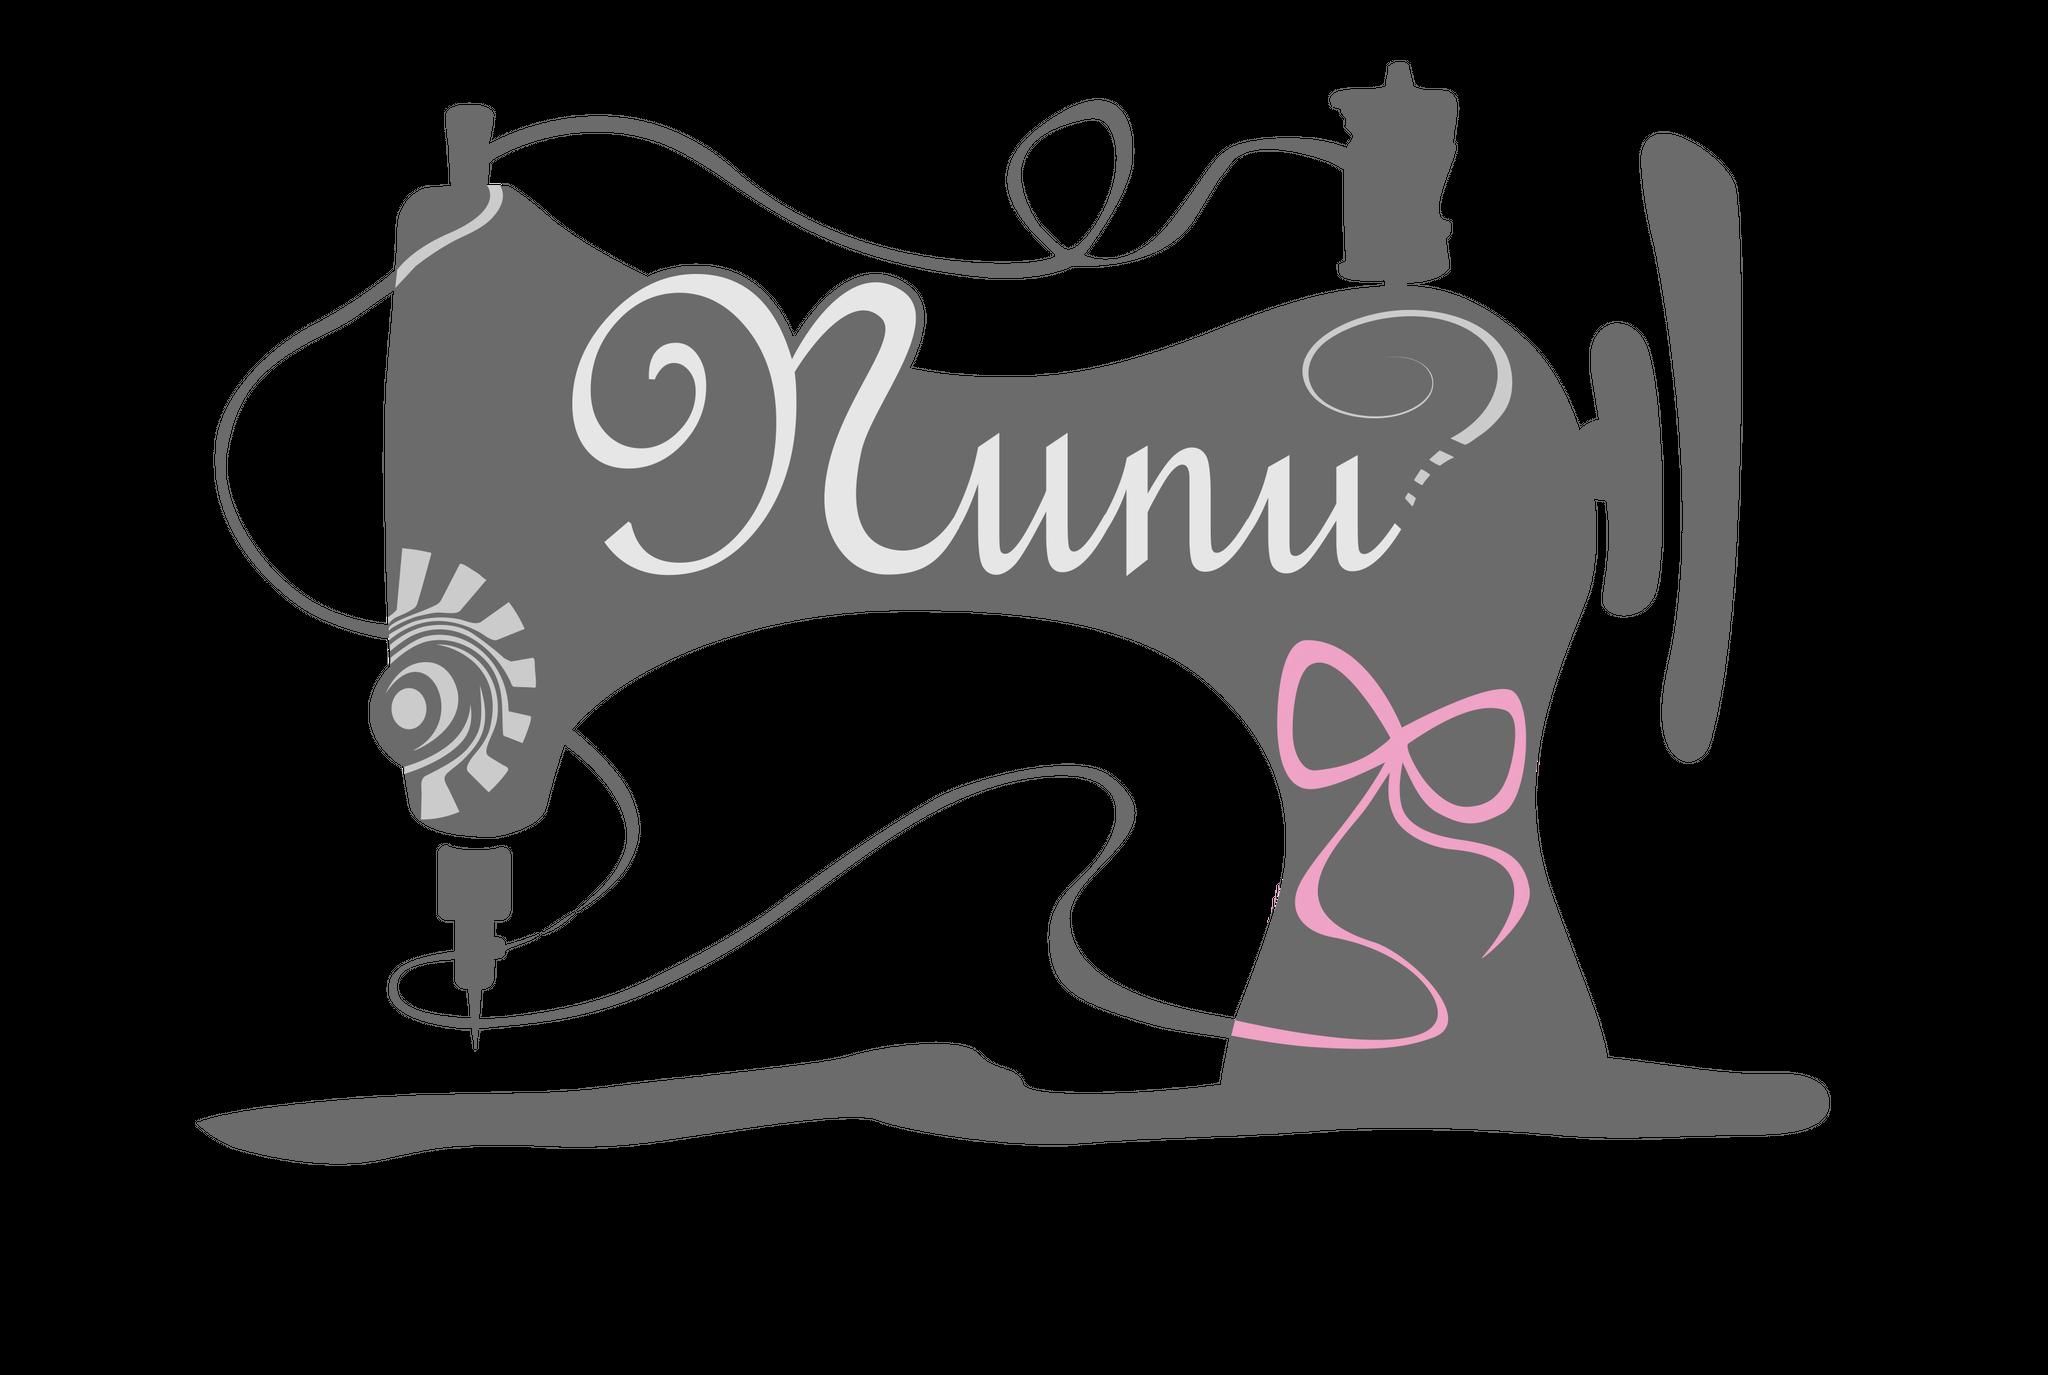 オーダーバッグ専門店 Nunu